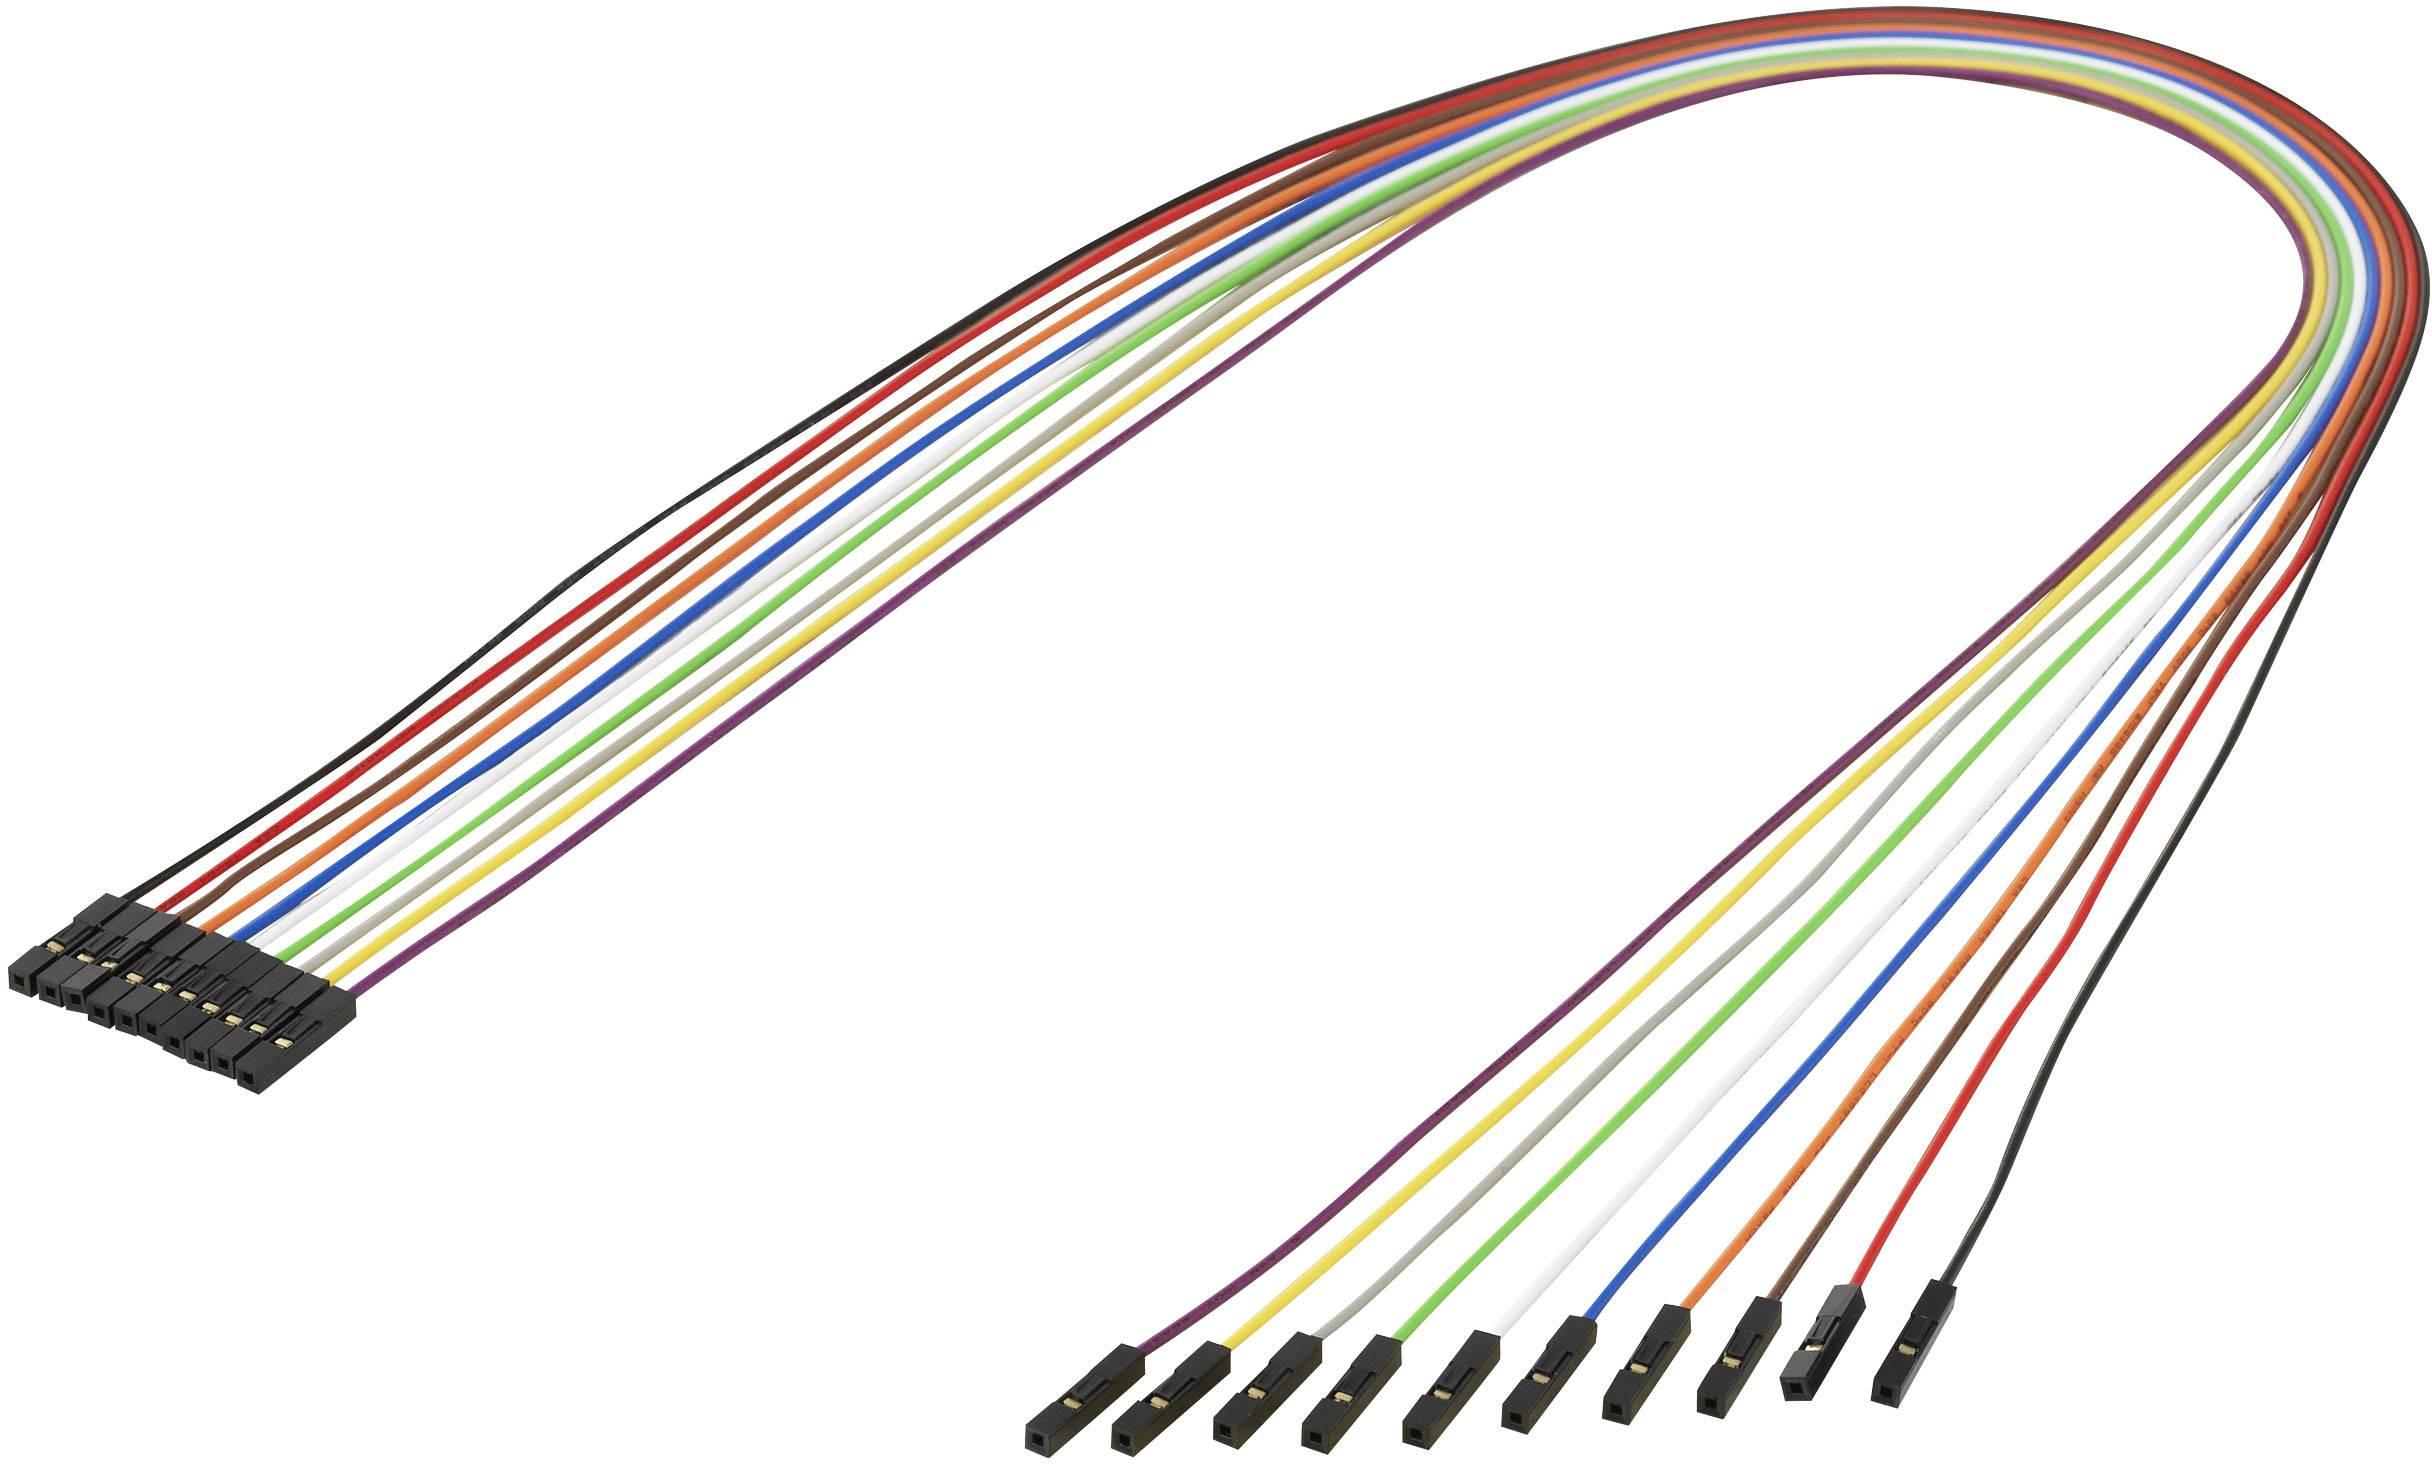 Farebné prepojovacie káble pre mini počítač Raspberry Pi, 10 ks, 50 cm